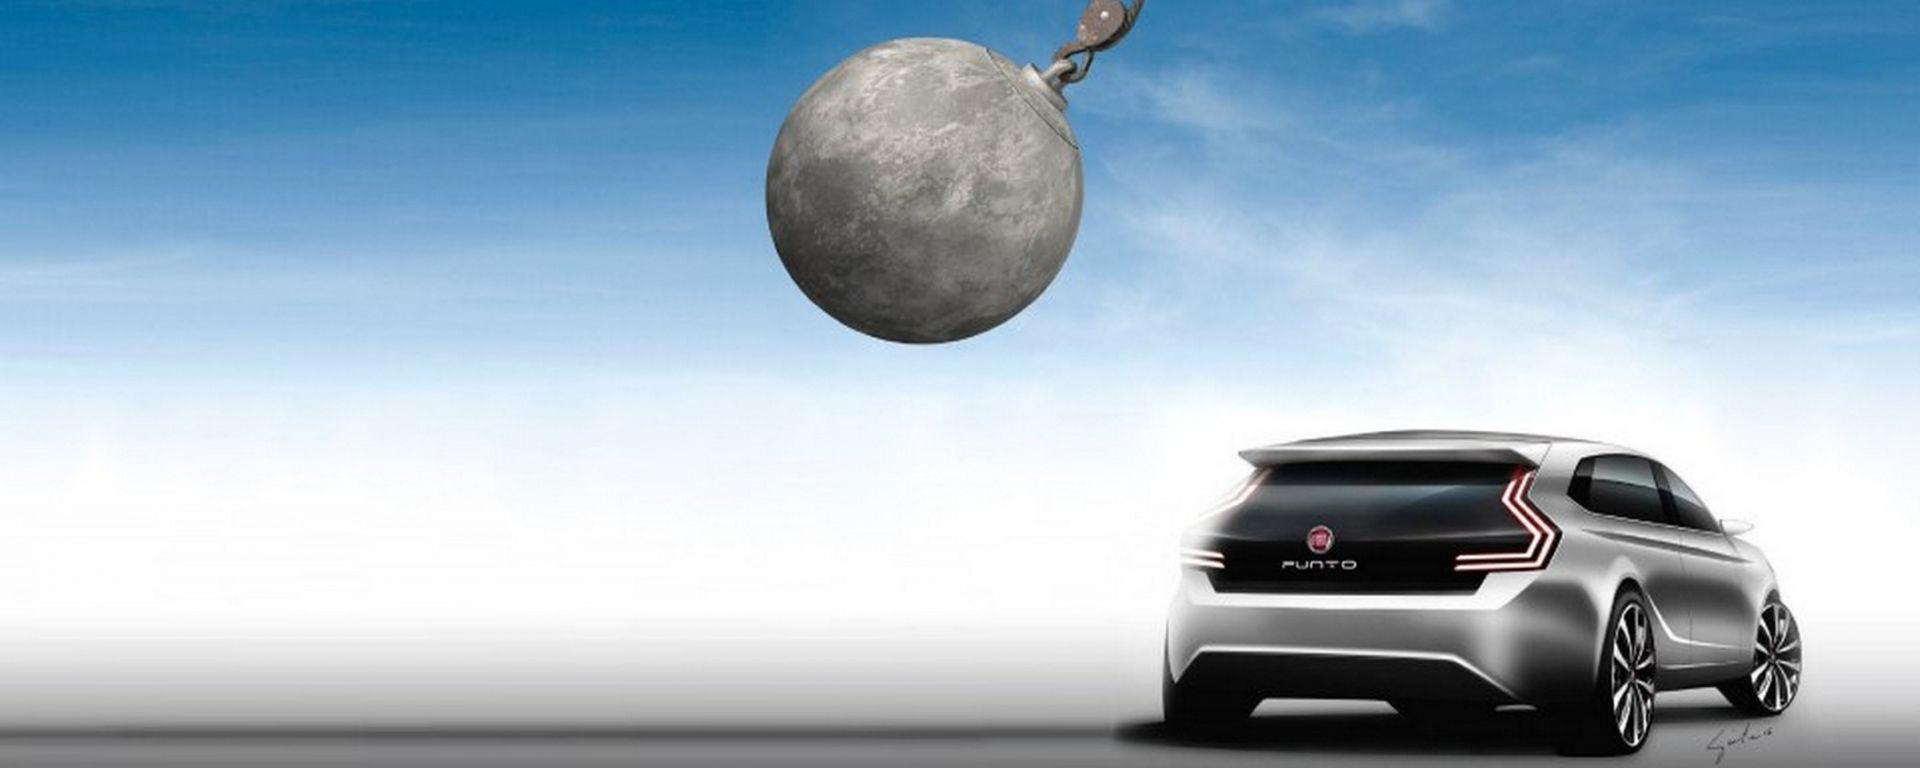 FCA-Renault, salta la fusione. Che ne sarà di nuova Punto?